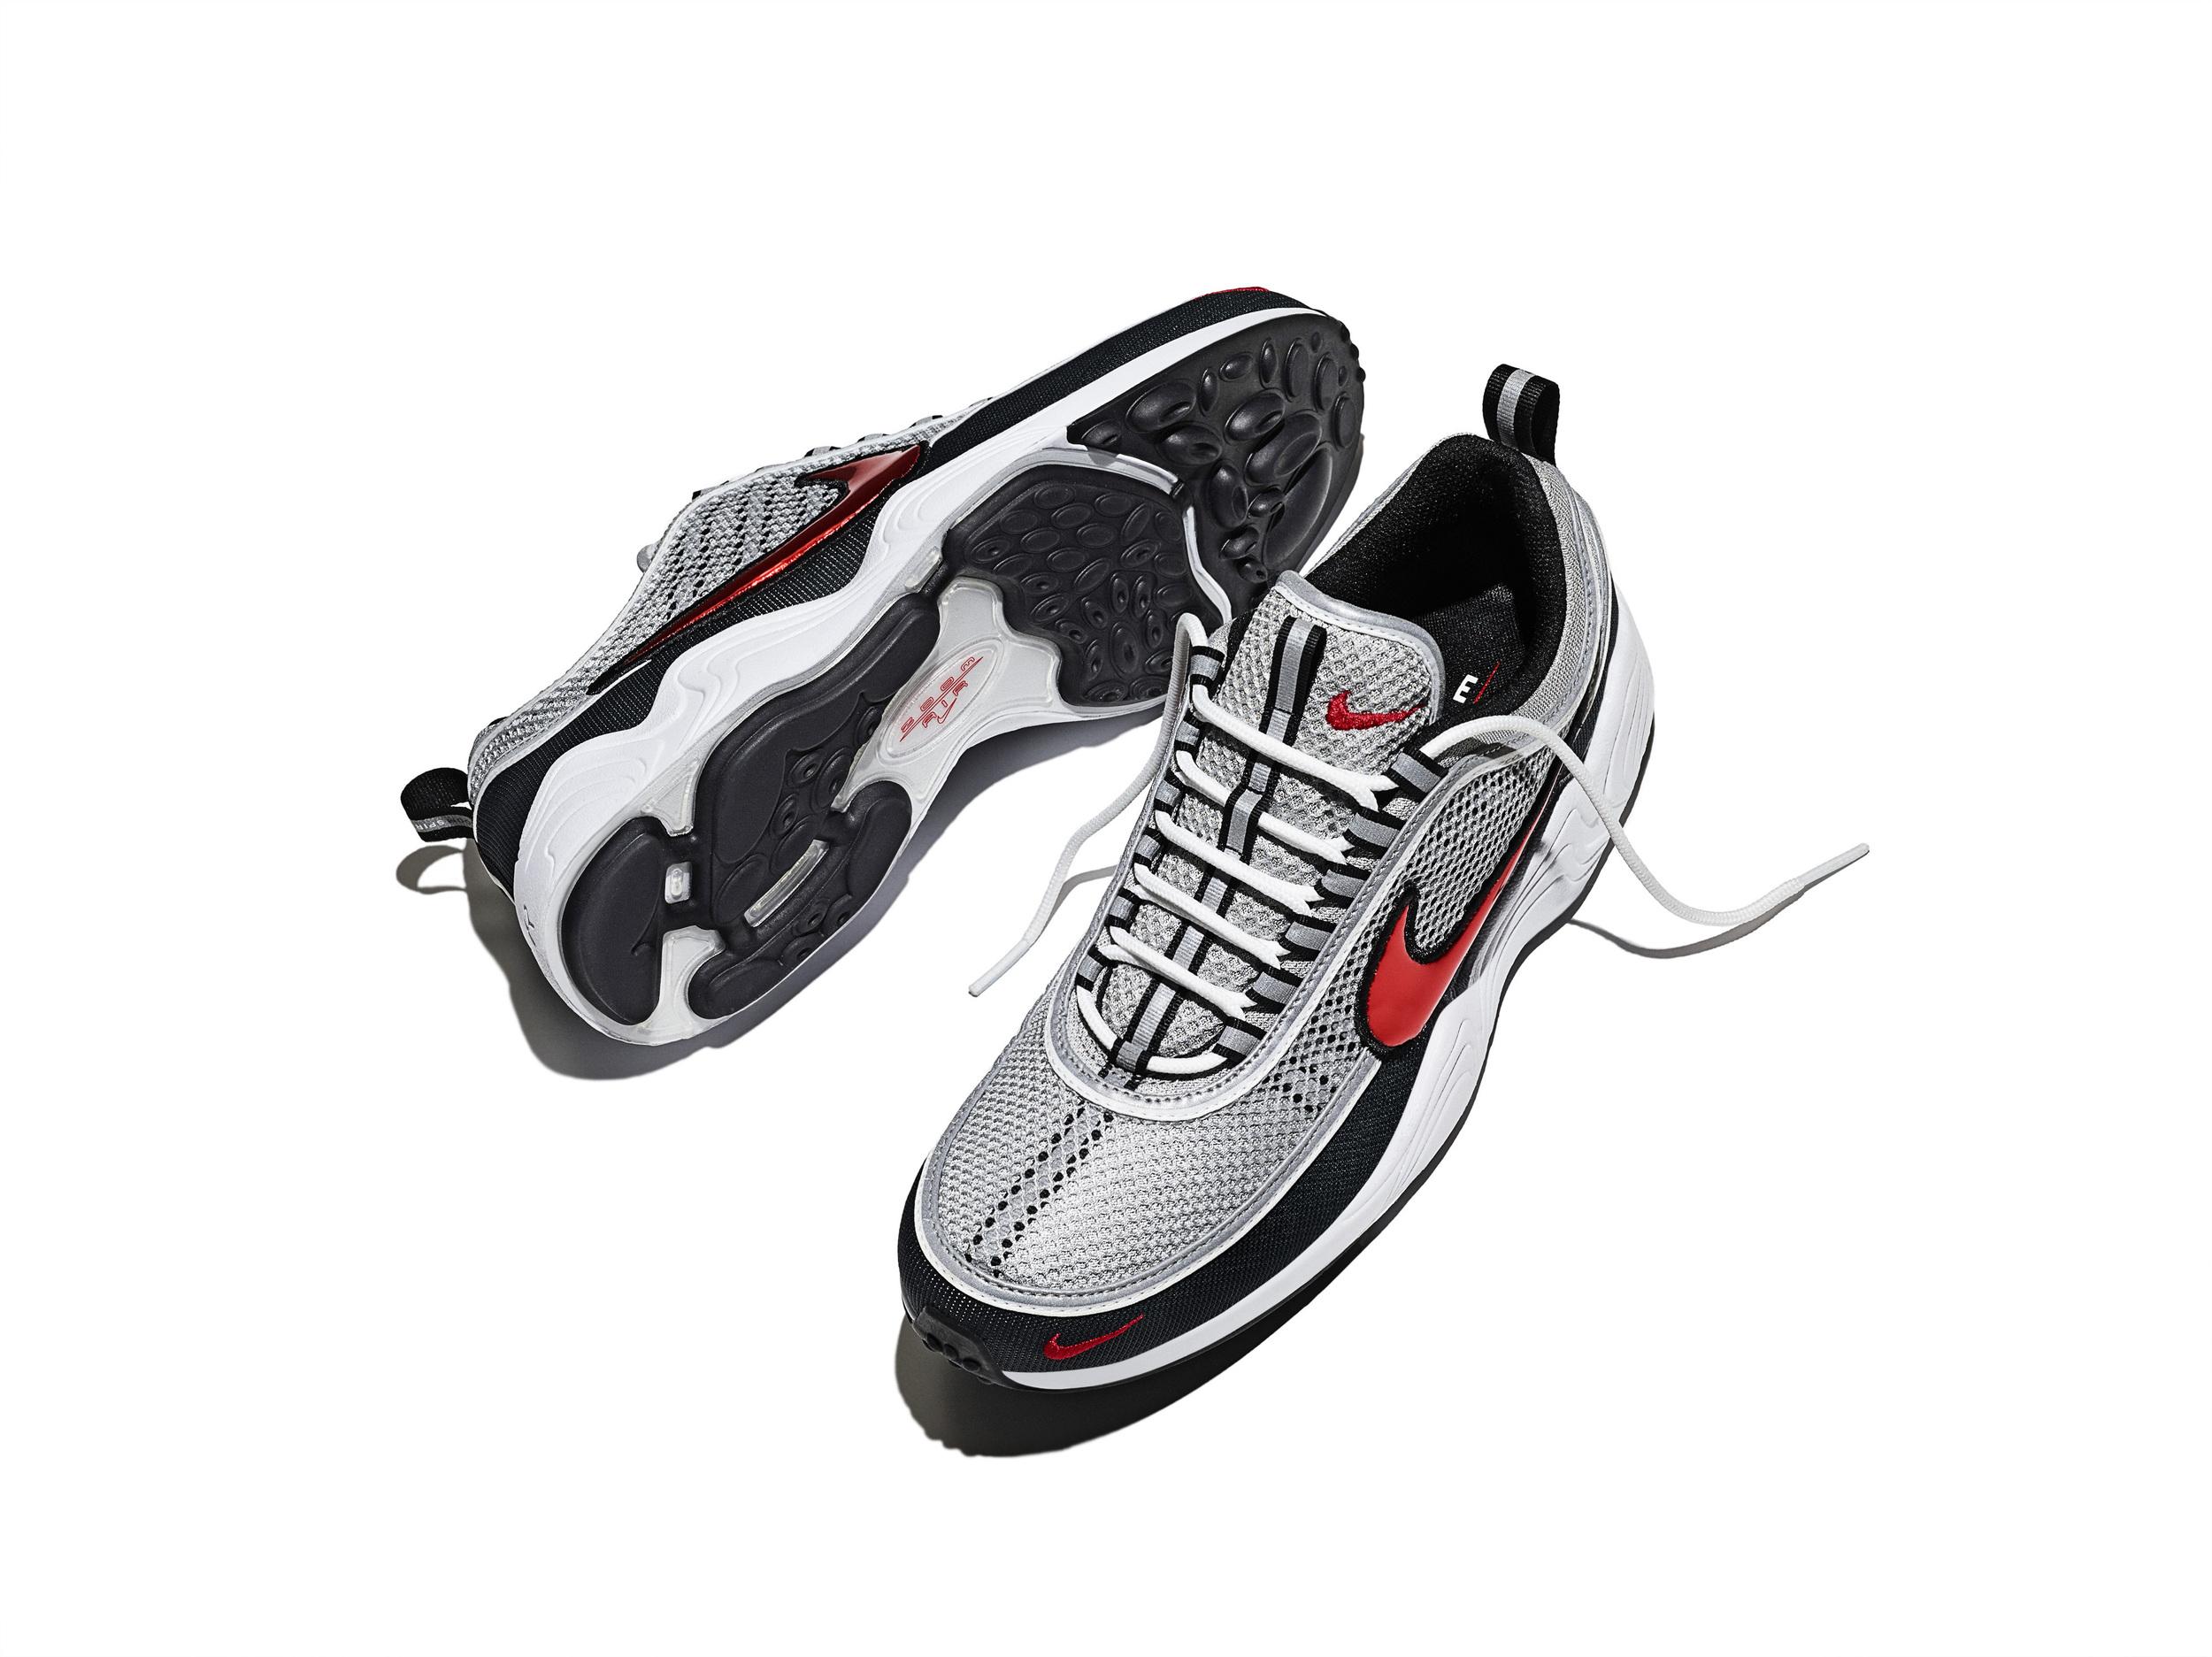 Nike_LAB_Spiridon_slvred_PAIR_60175.jpg